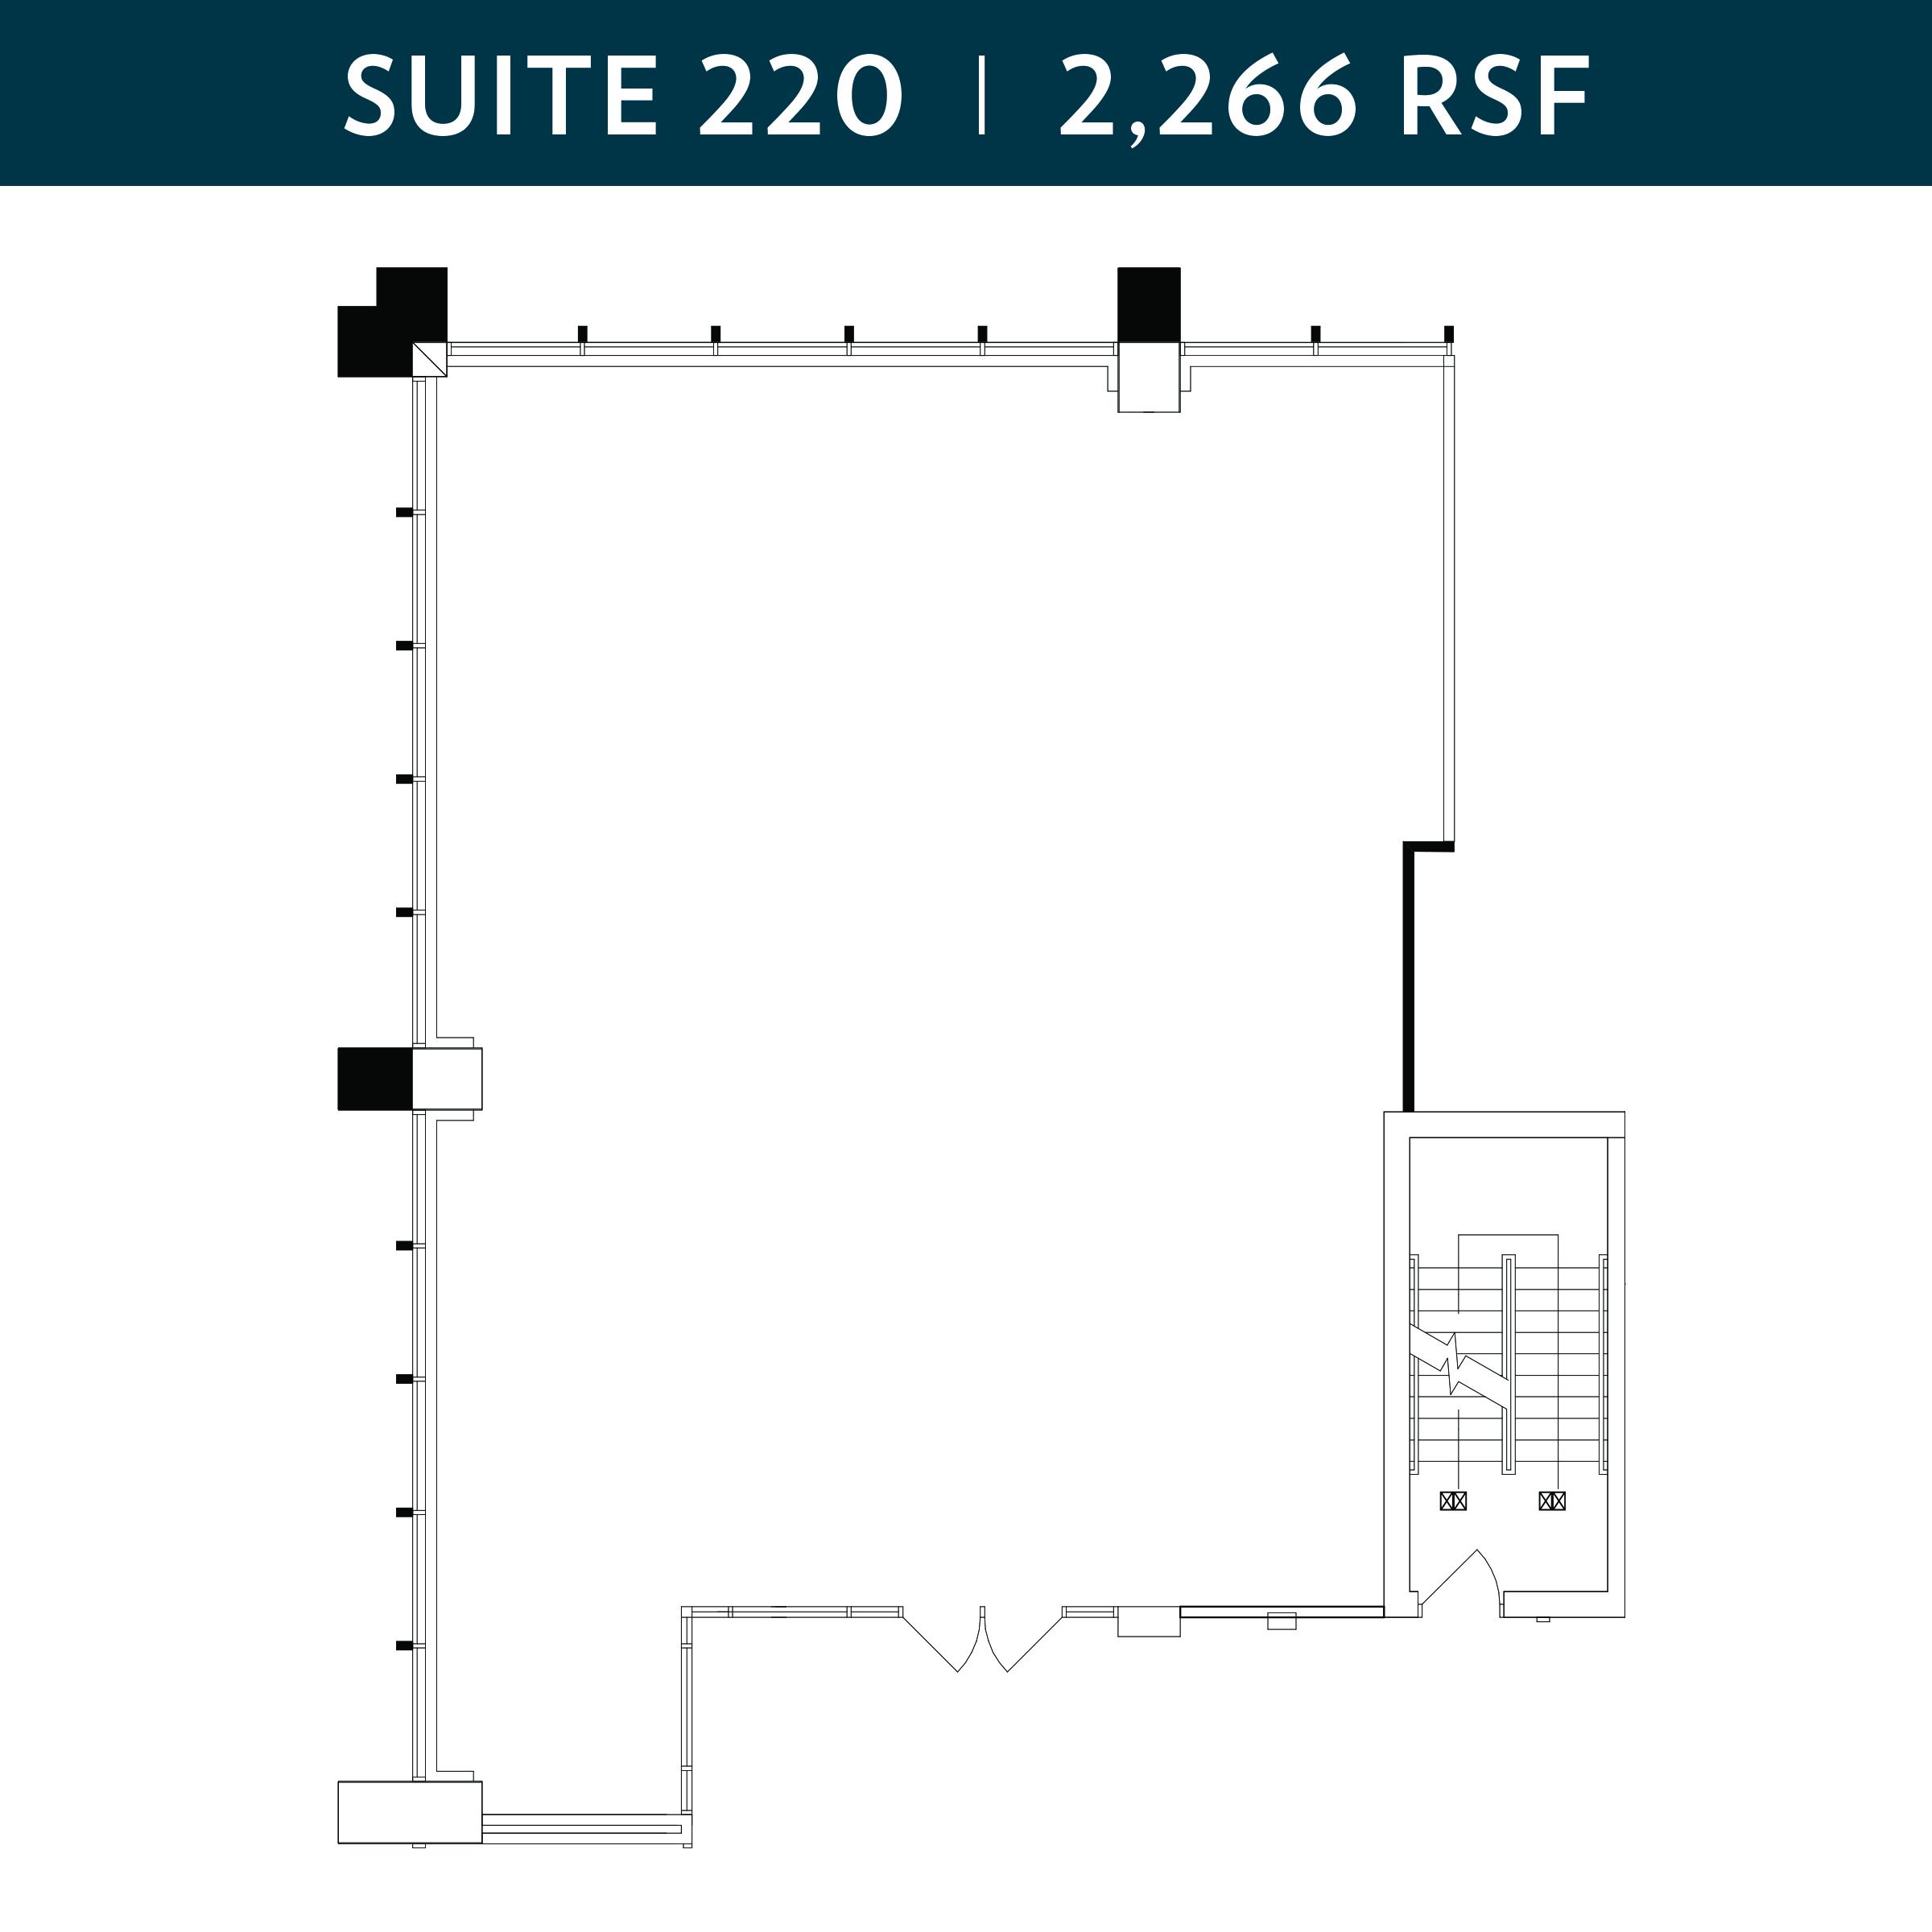 Suite 1920